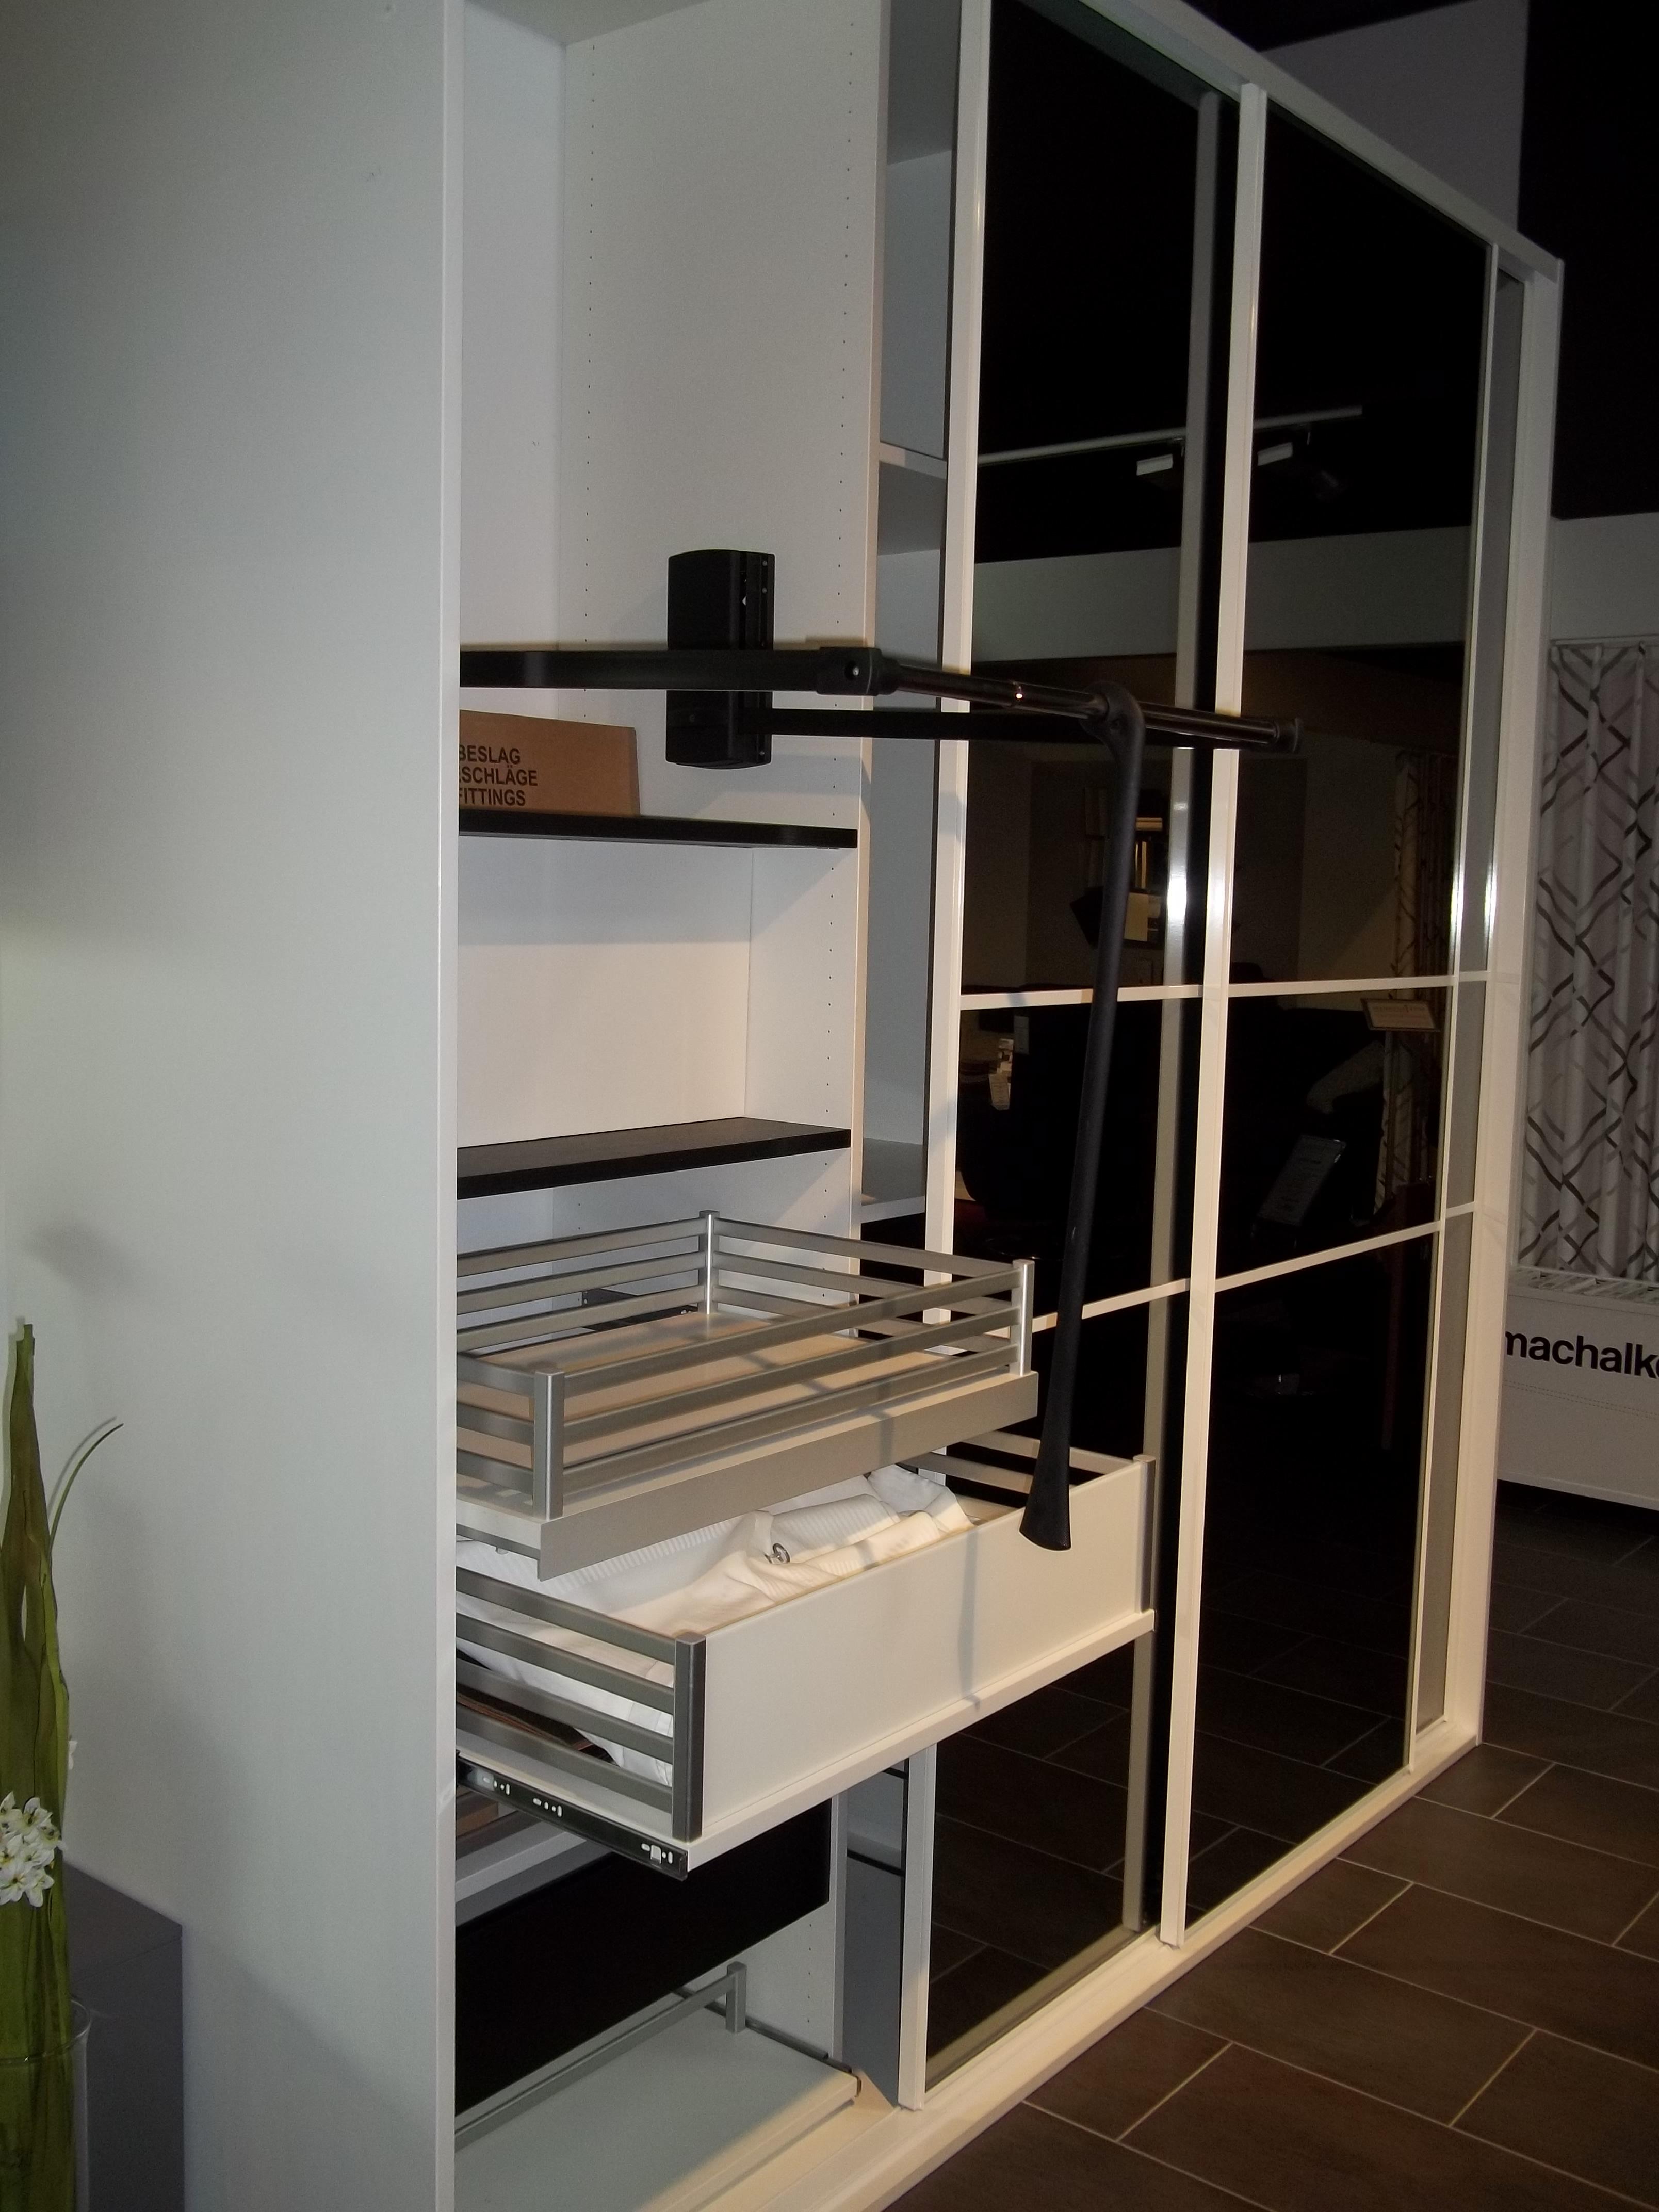 mein ausstellungsst ck schiebet ren schrank. Black Bedroom Furniture Sets. Home Design Ideas